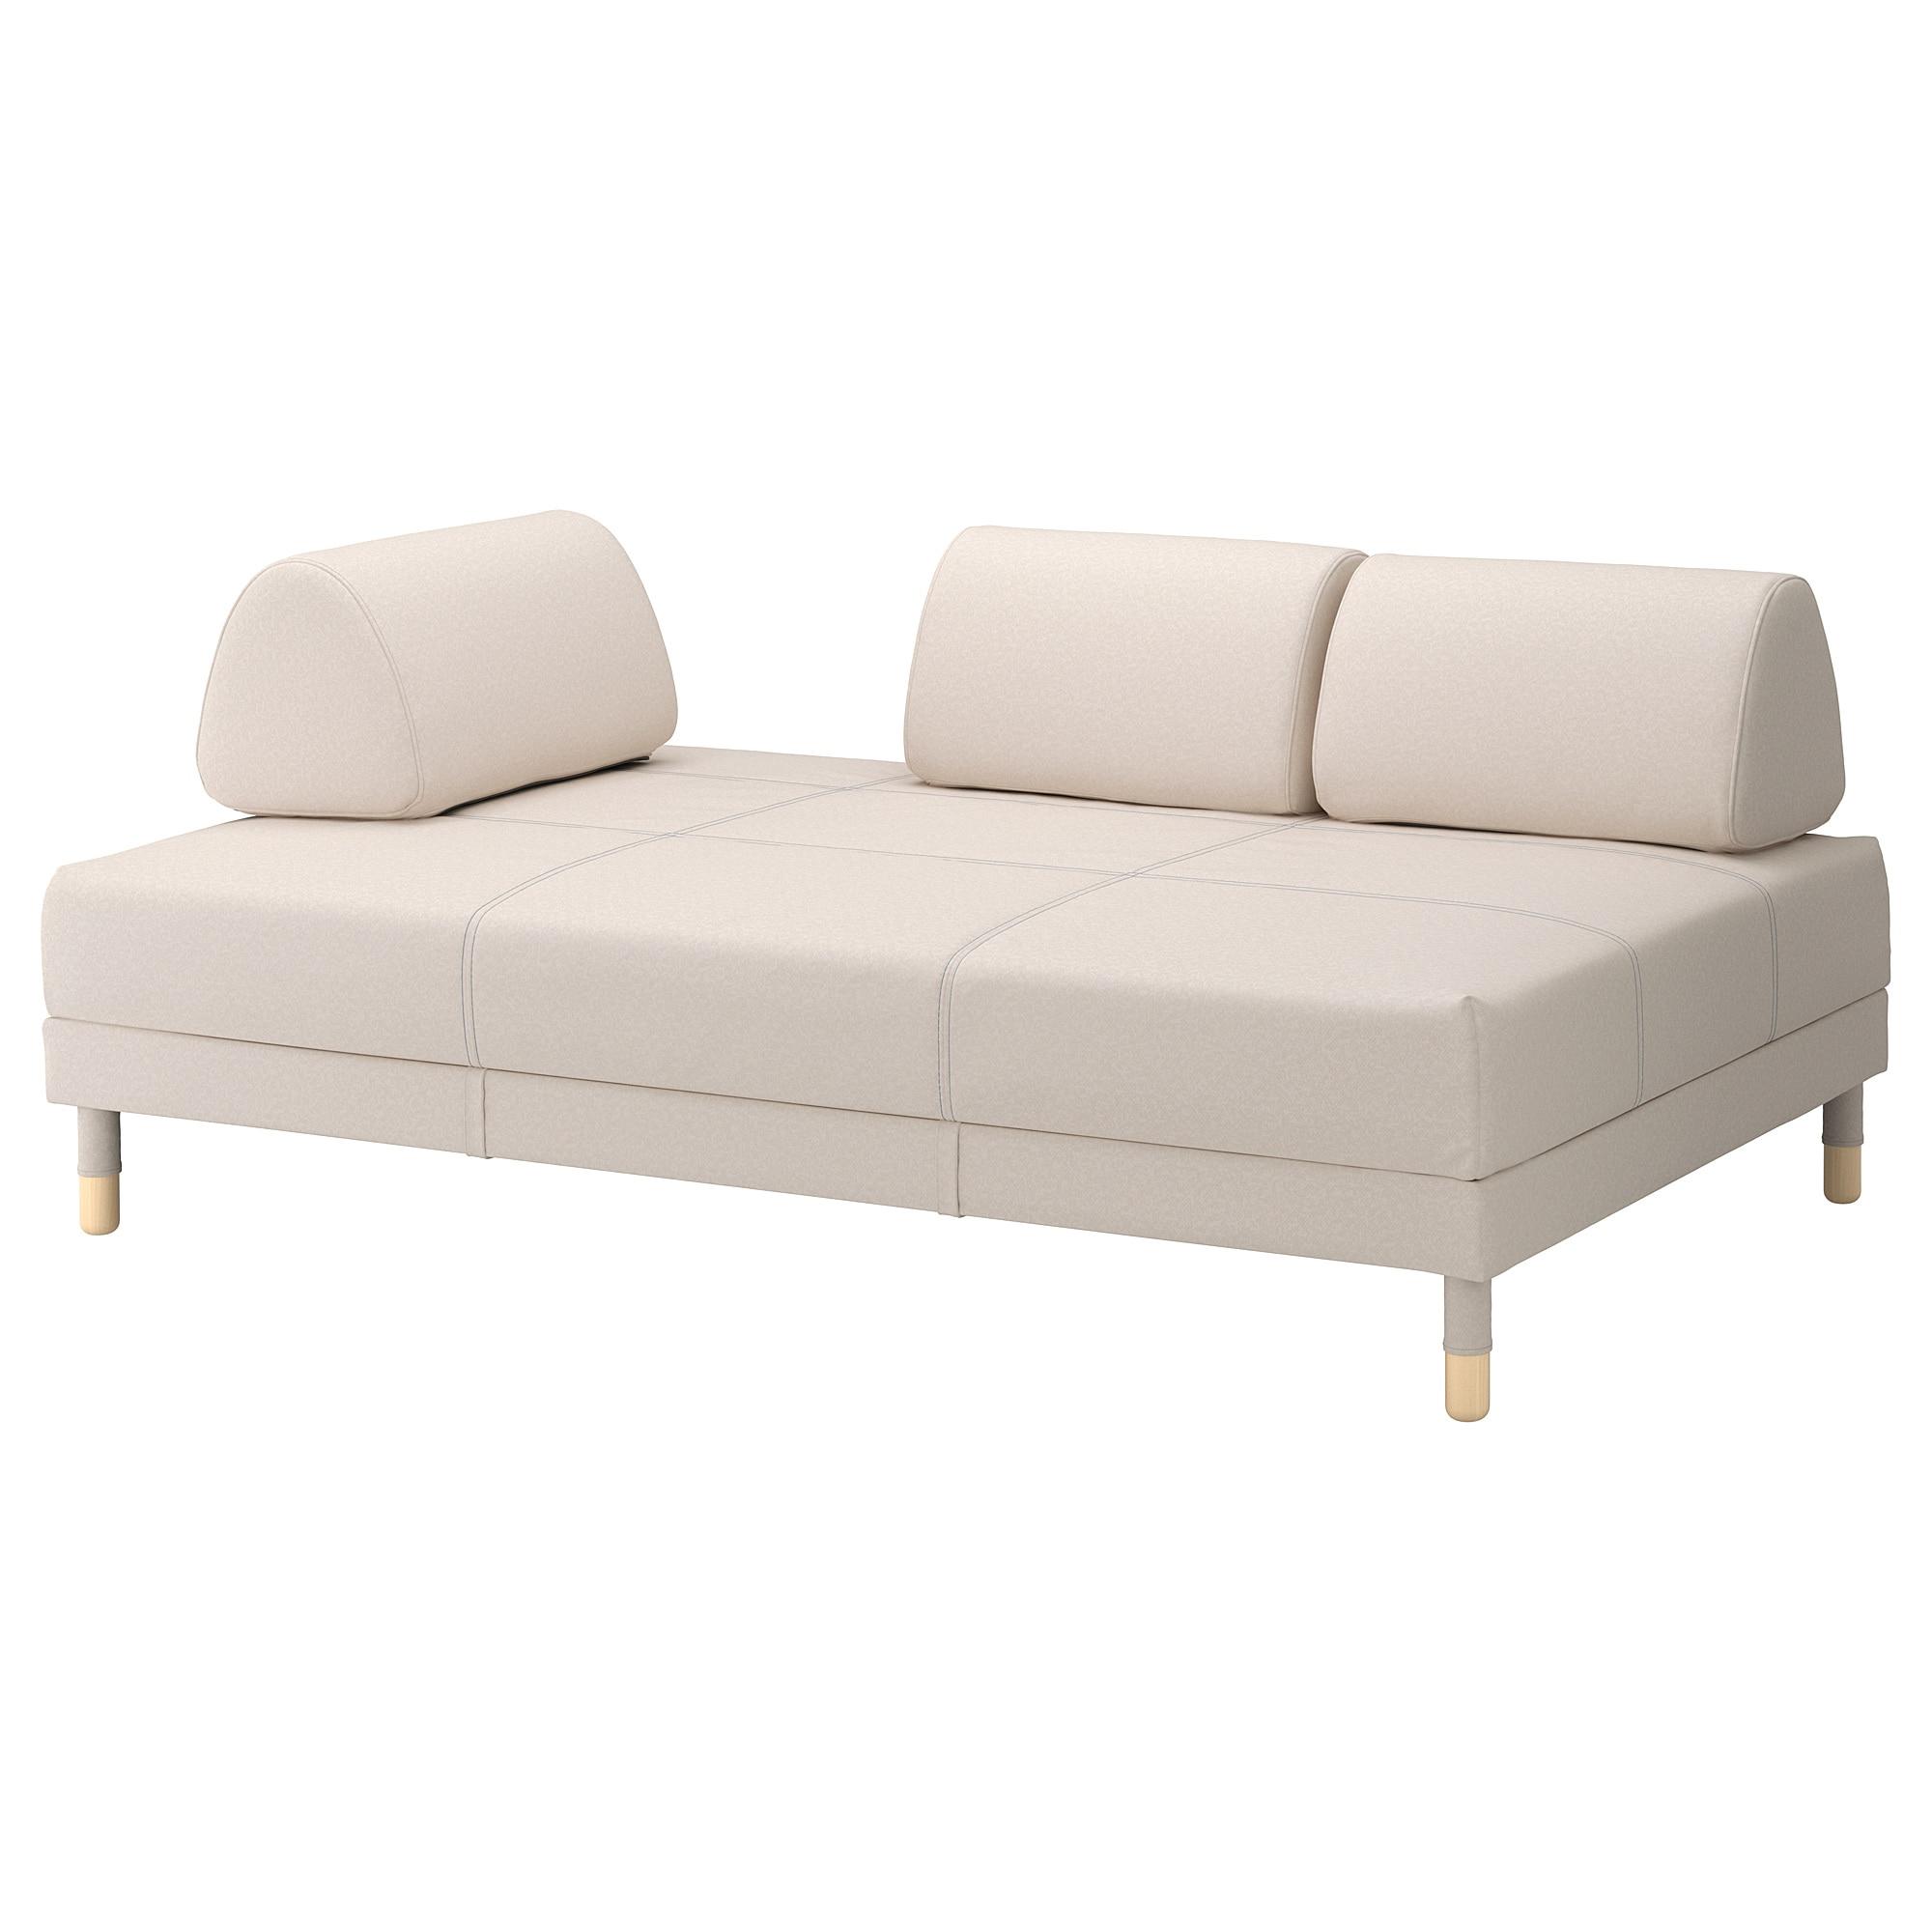 Canapé Confortable Pas Cher Canapé Convertible Pas Cher Ikea Fauteuils Canaps